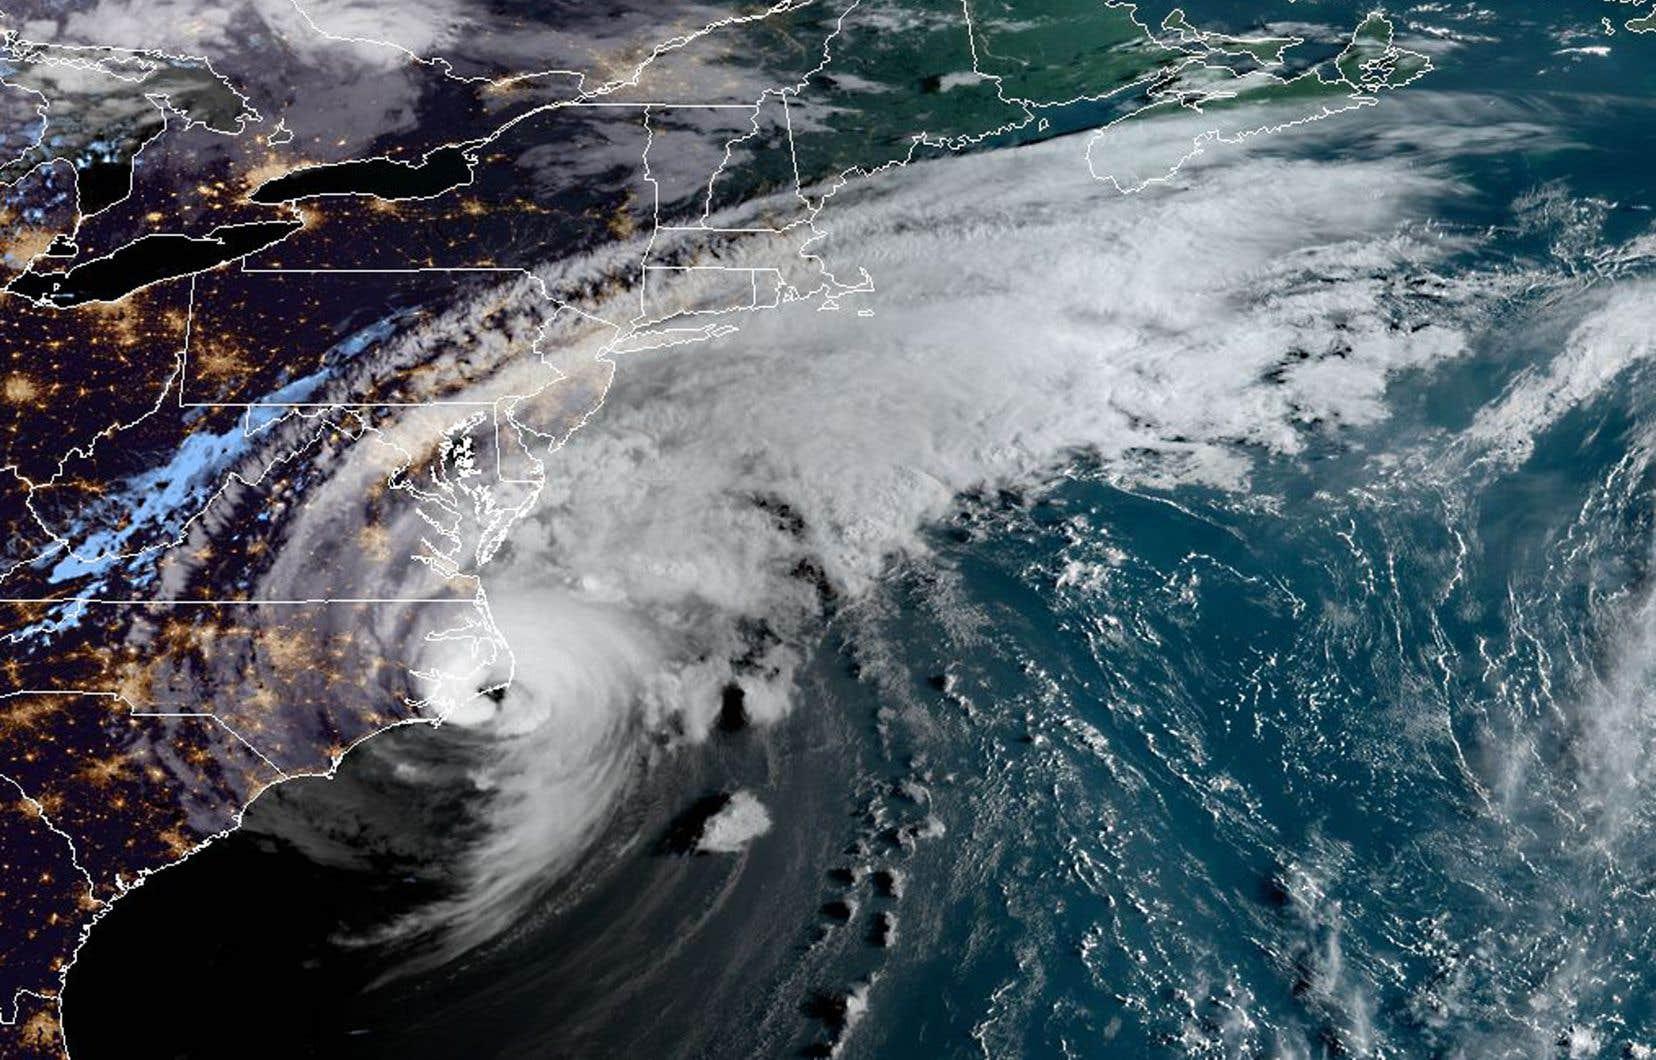 Le centre de l'ouragan «Dorian» devrait remonter vers le sud-est de la Nouvelle-Angleterrevendredi soir et samedi matin, puis jusqu'en Nouvelle-Écossetard samedi, selon le NHC.